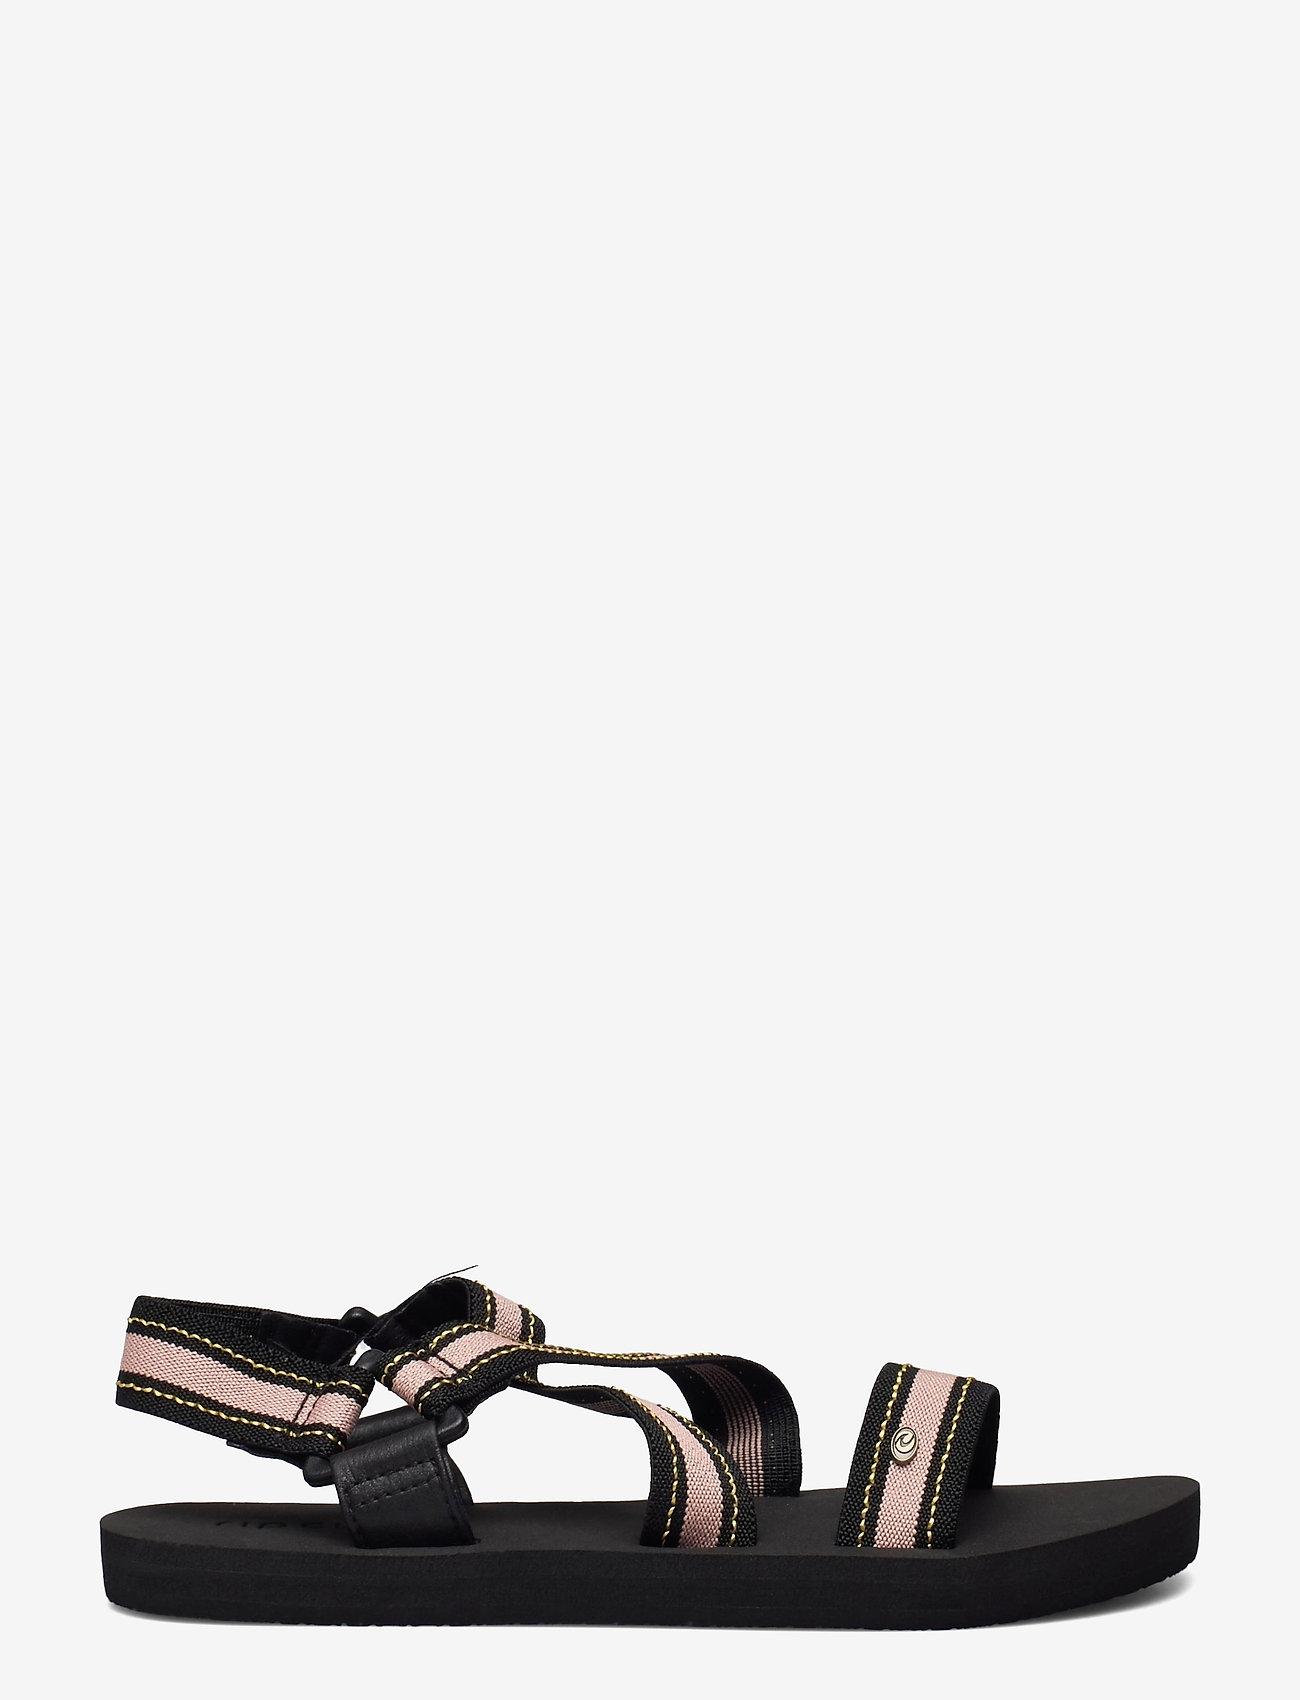 Rip Curl - P-LOW PISMO - hiking sandals - black/tan - 1